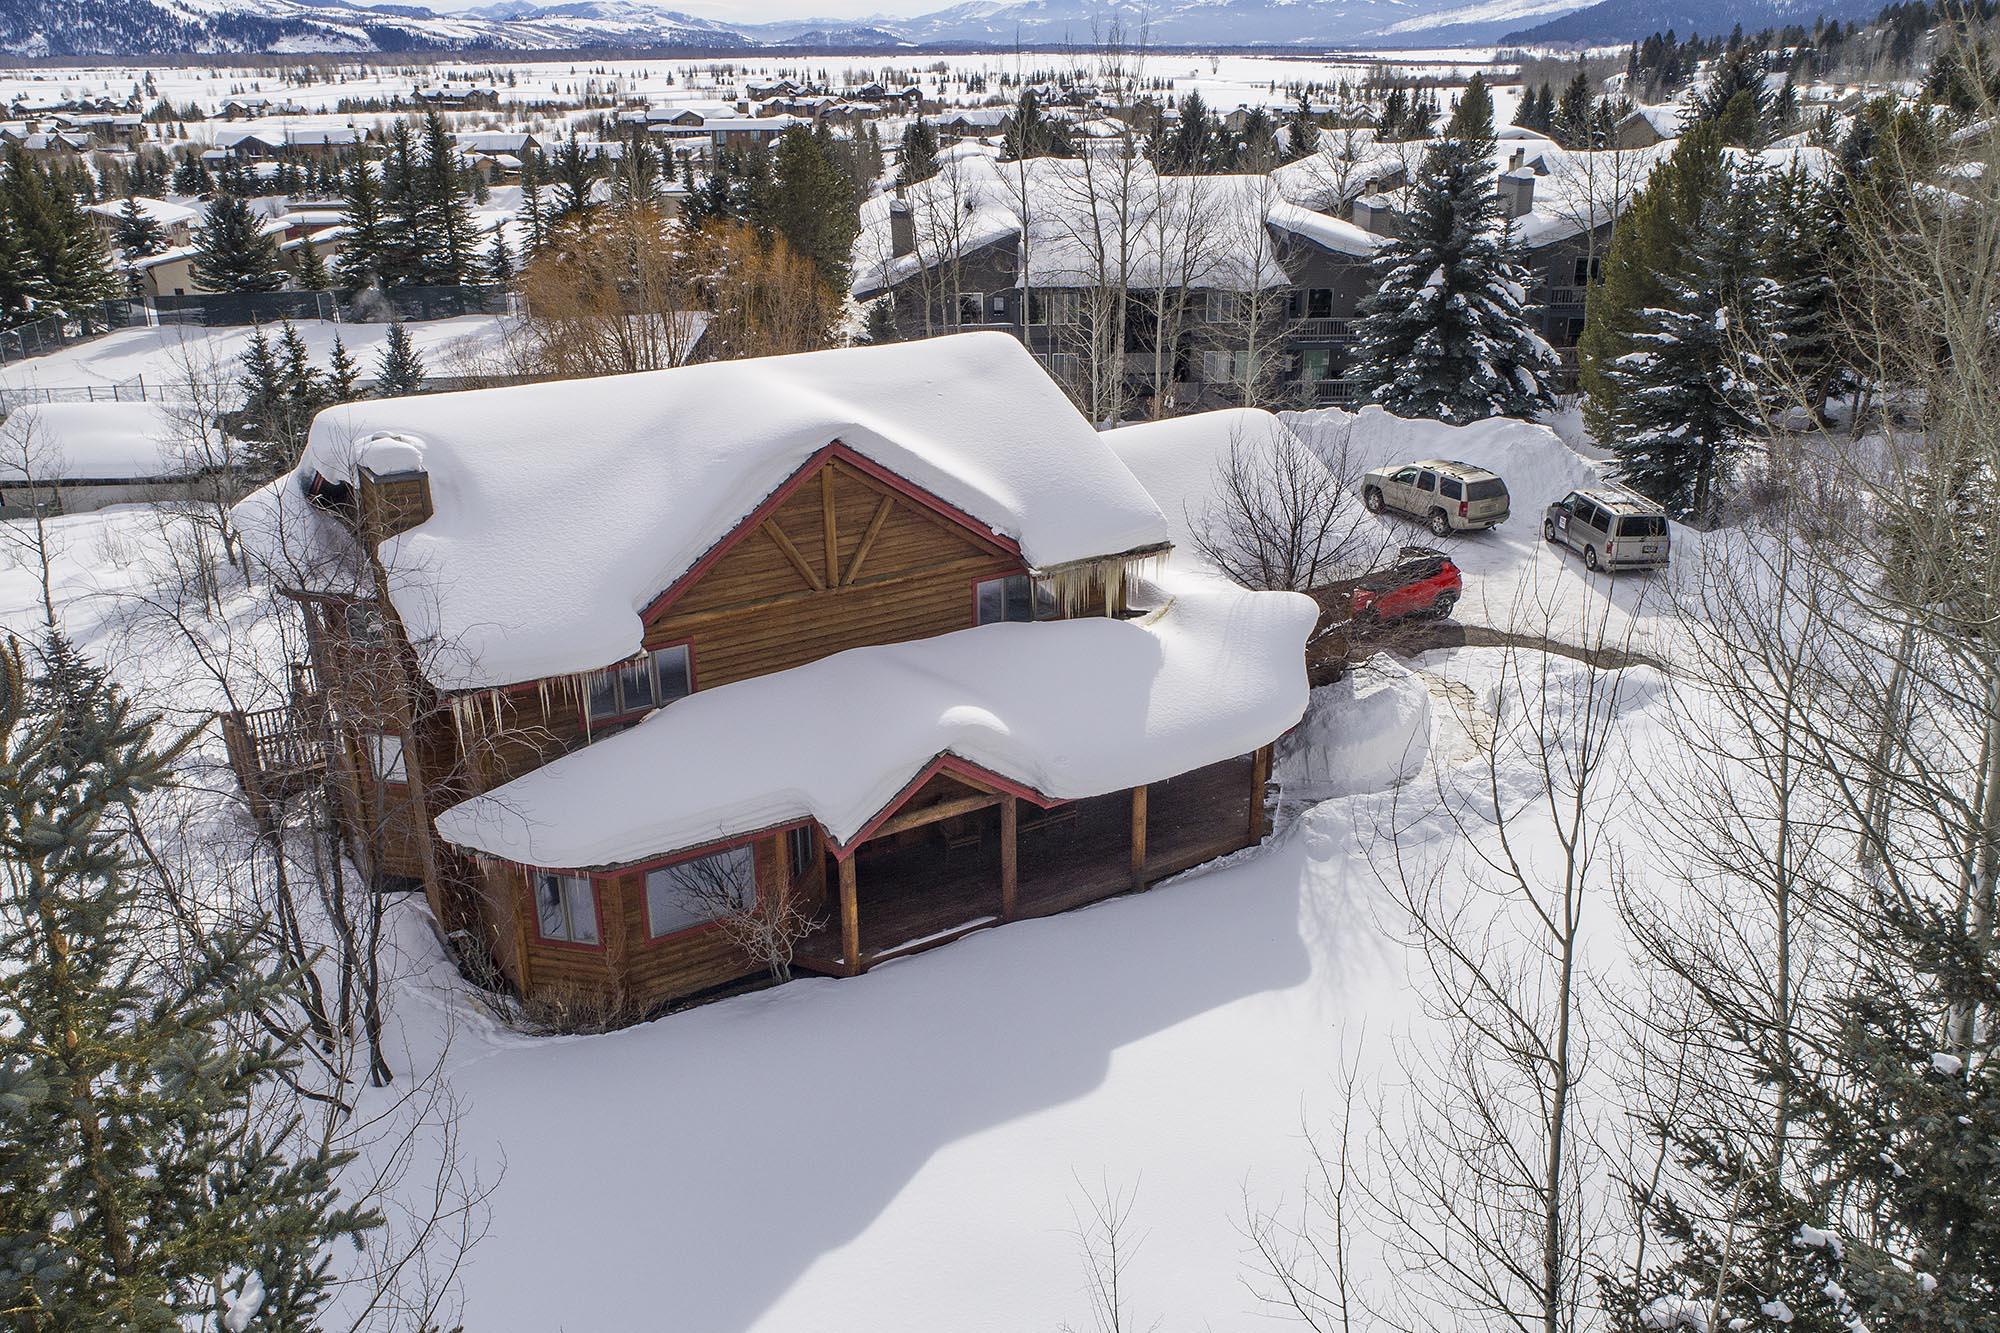 Teton Village Ski Real Estate - Wyoming